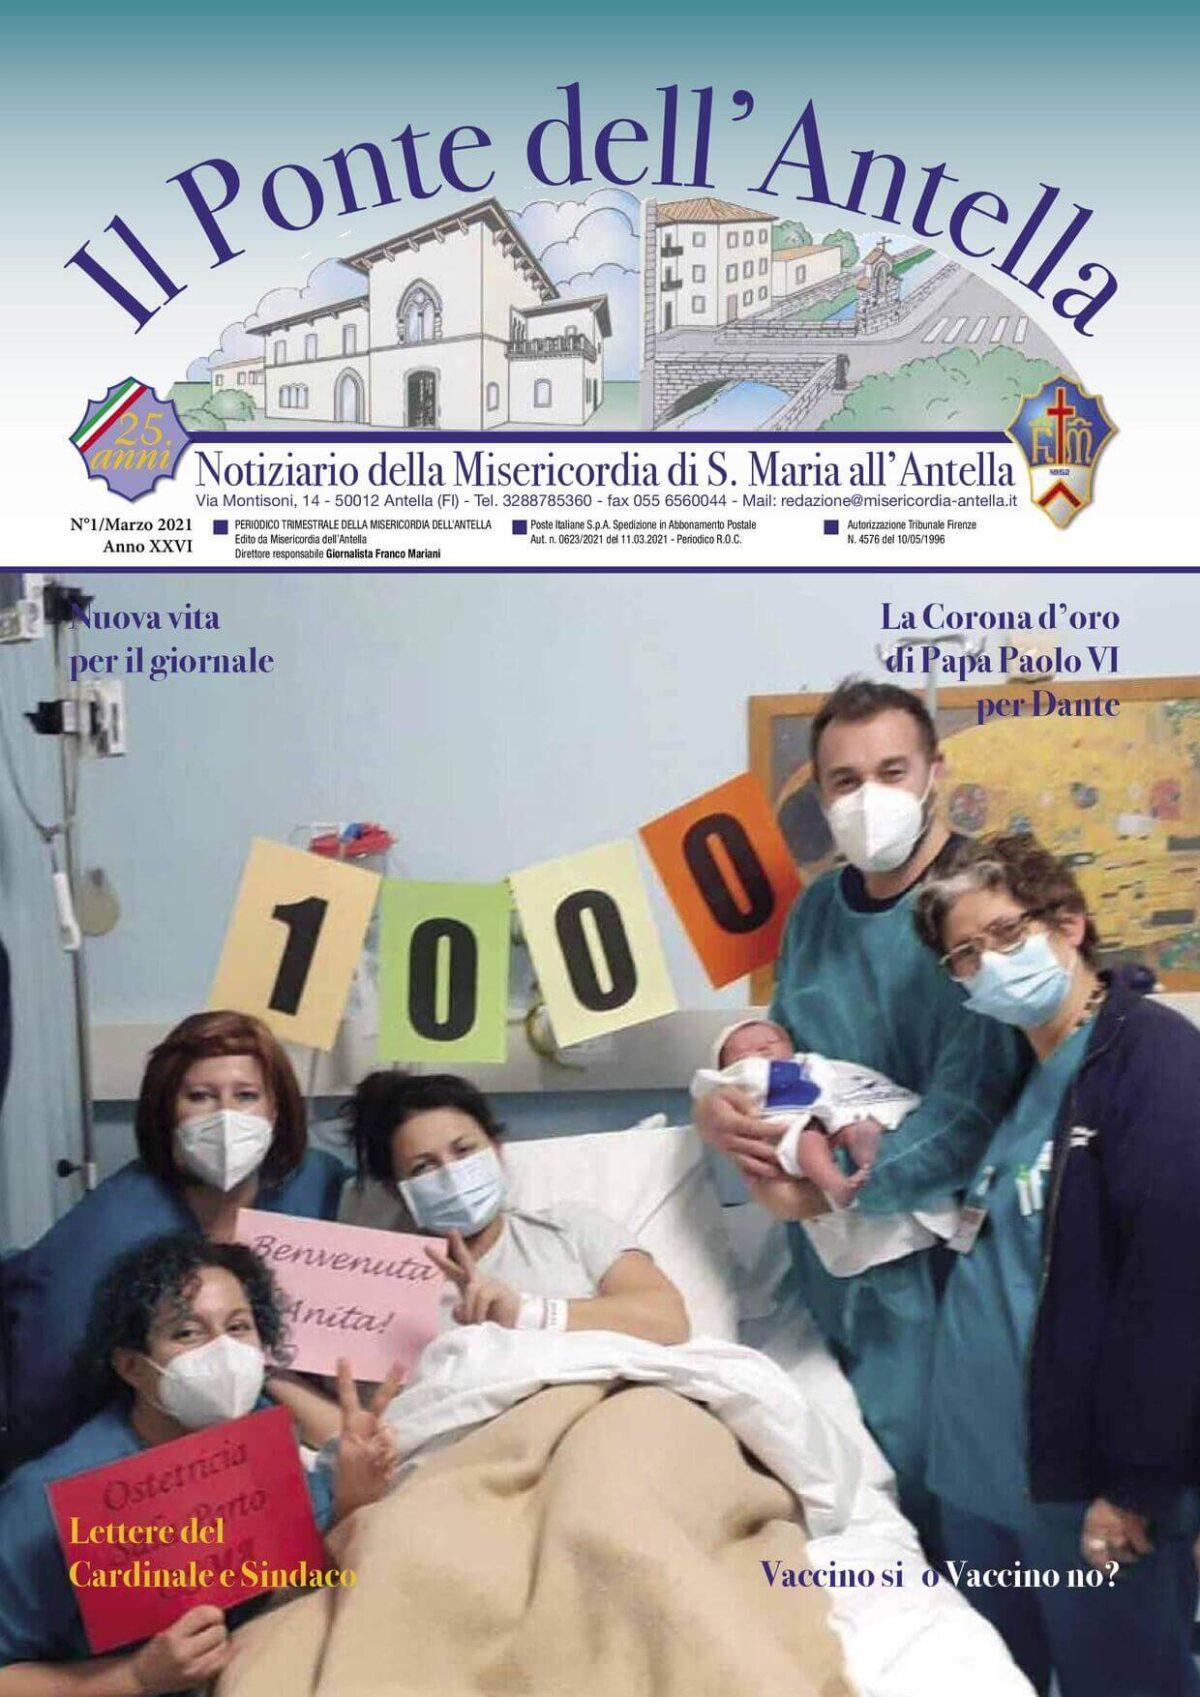 copertina-IL-PONTE-DELL-ANTELLA-marzo-2021-1200x1697.jpg